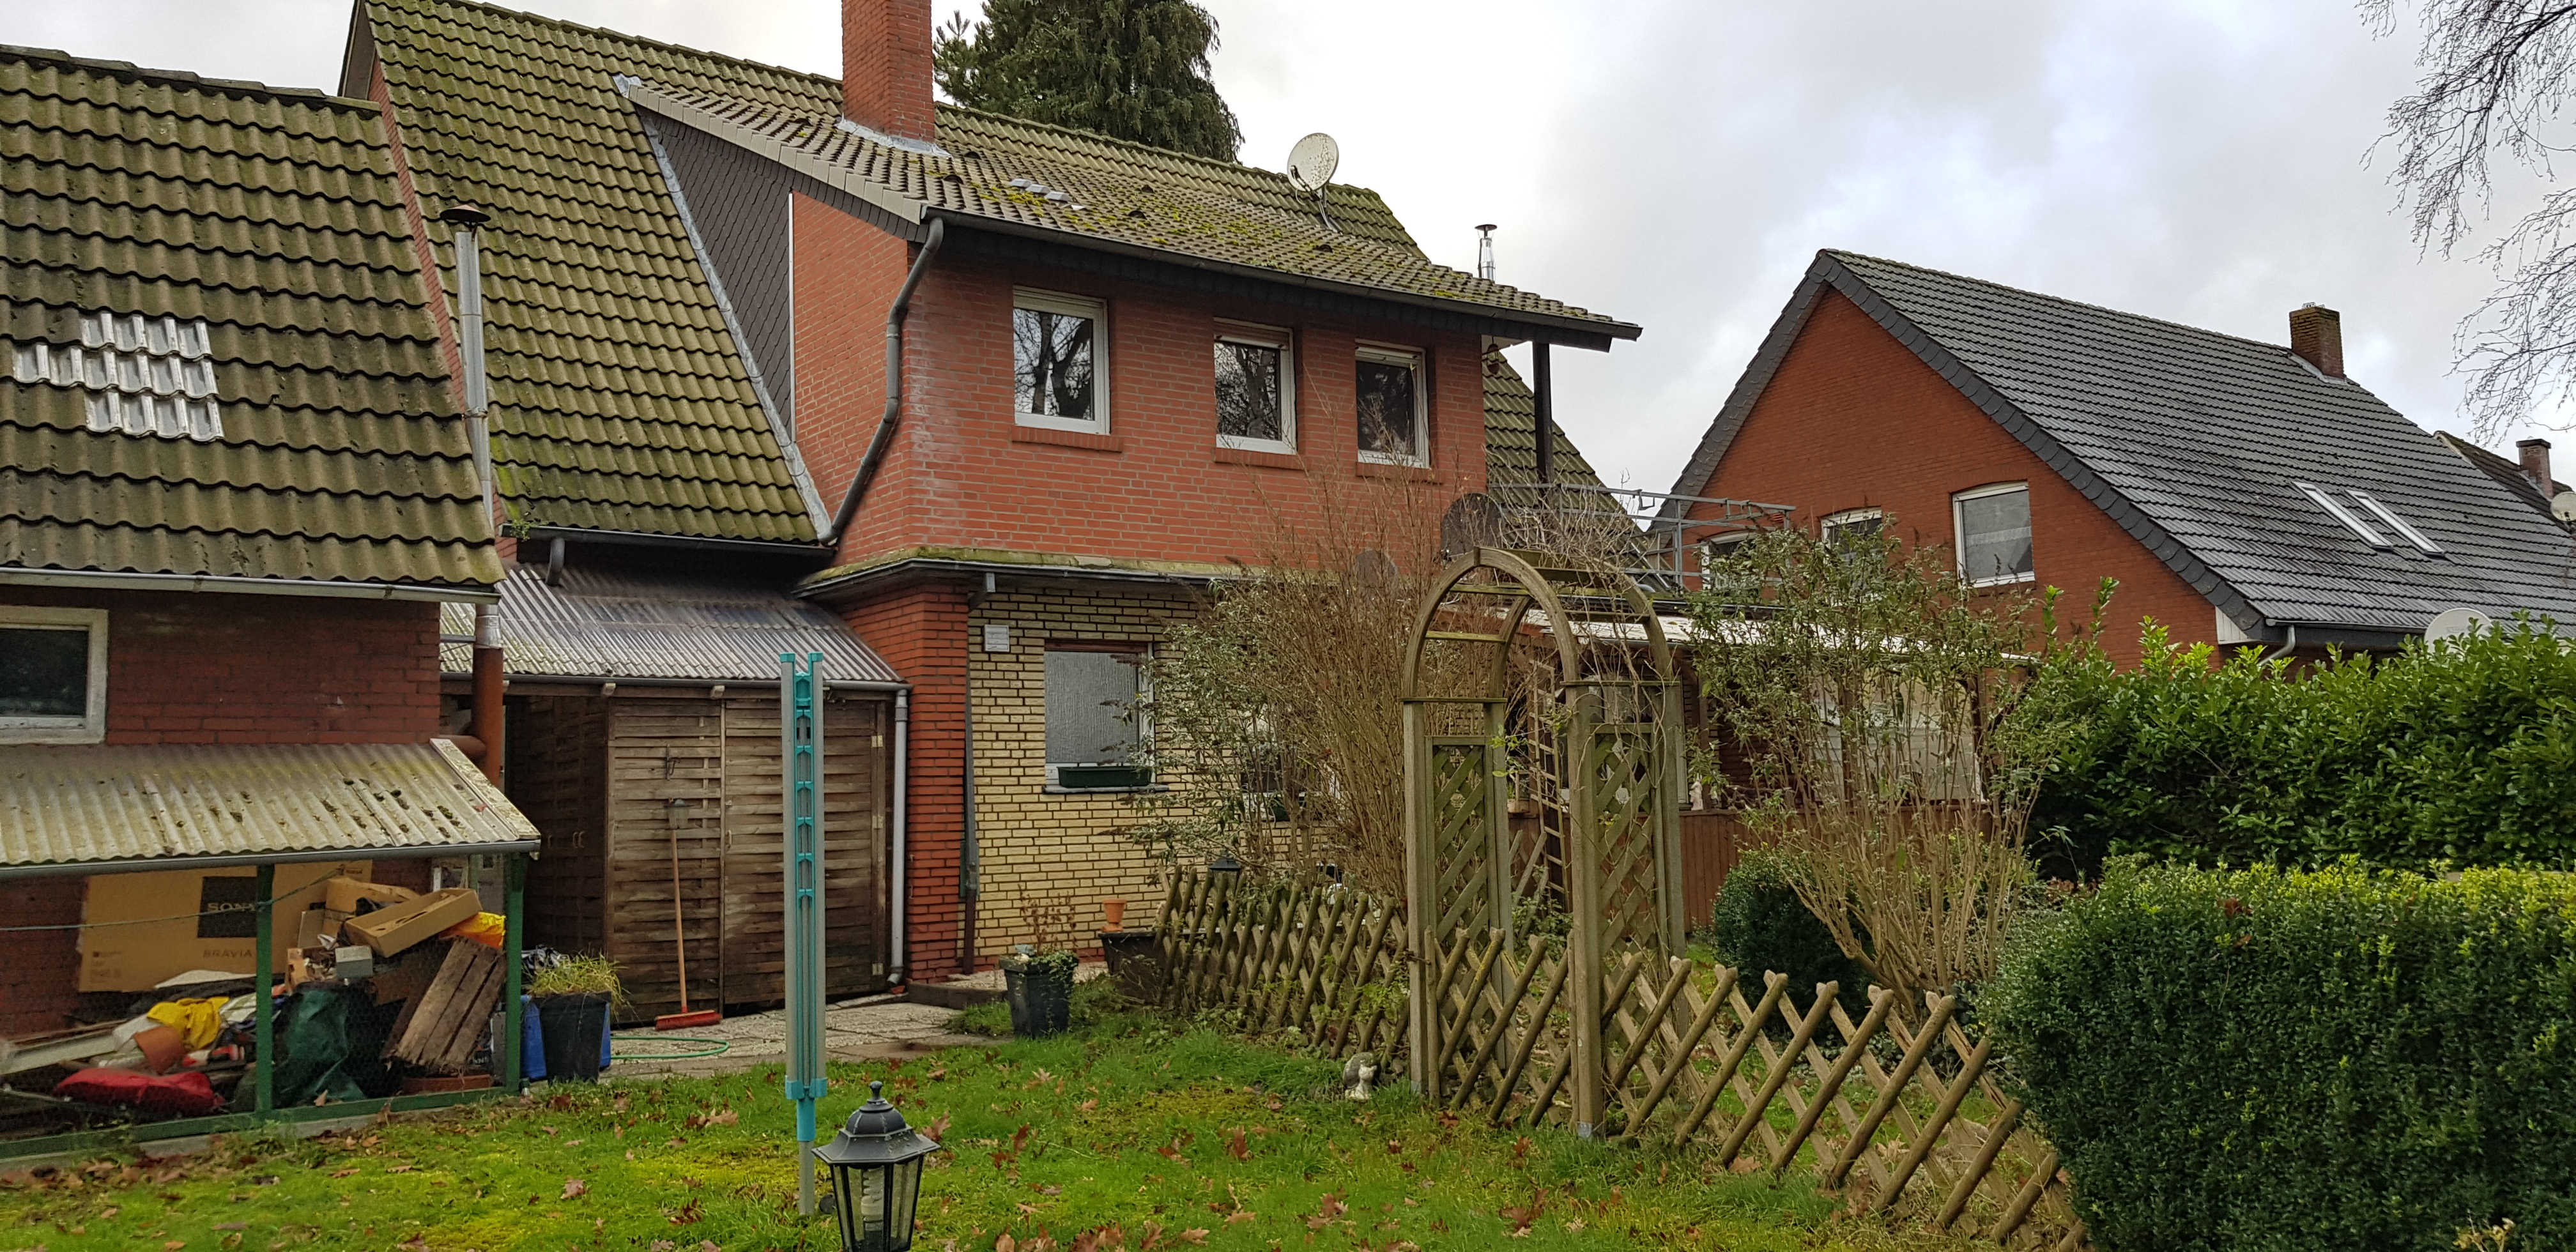 49779 Niederlangen siedlung, Duitsland, 5 Bedrooms Bedrooms, ,Huis,Koop,Ringstrssse,1407